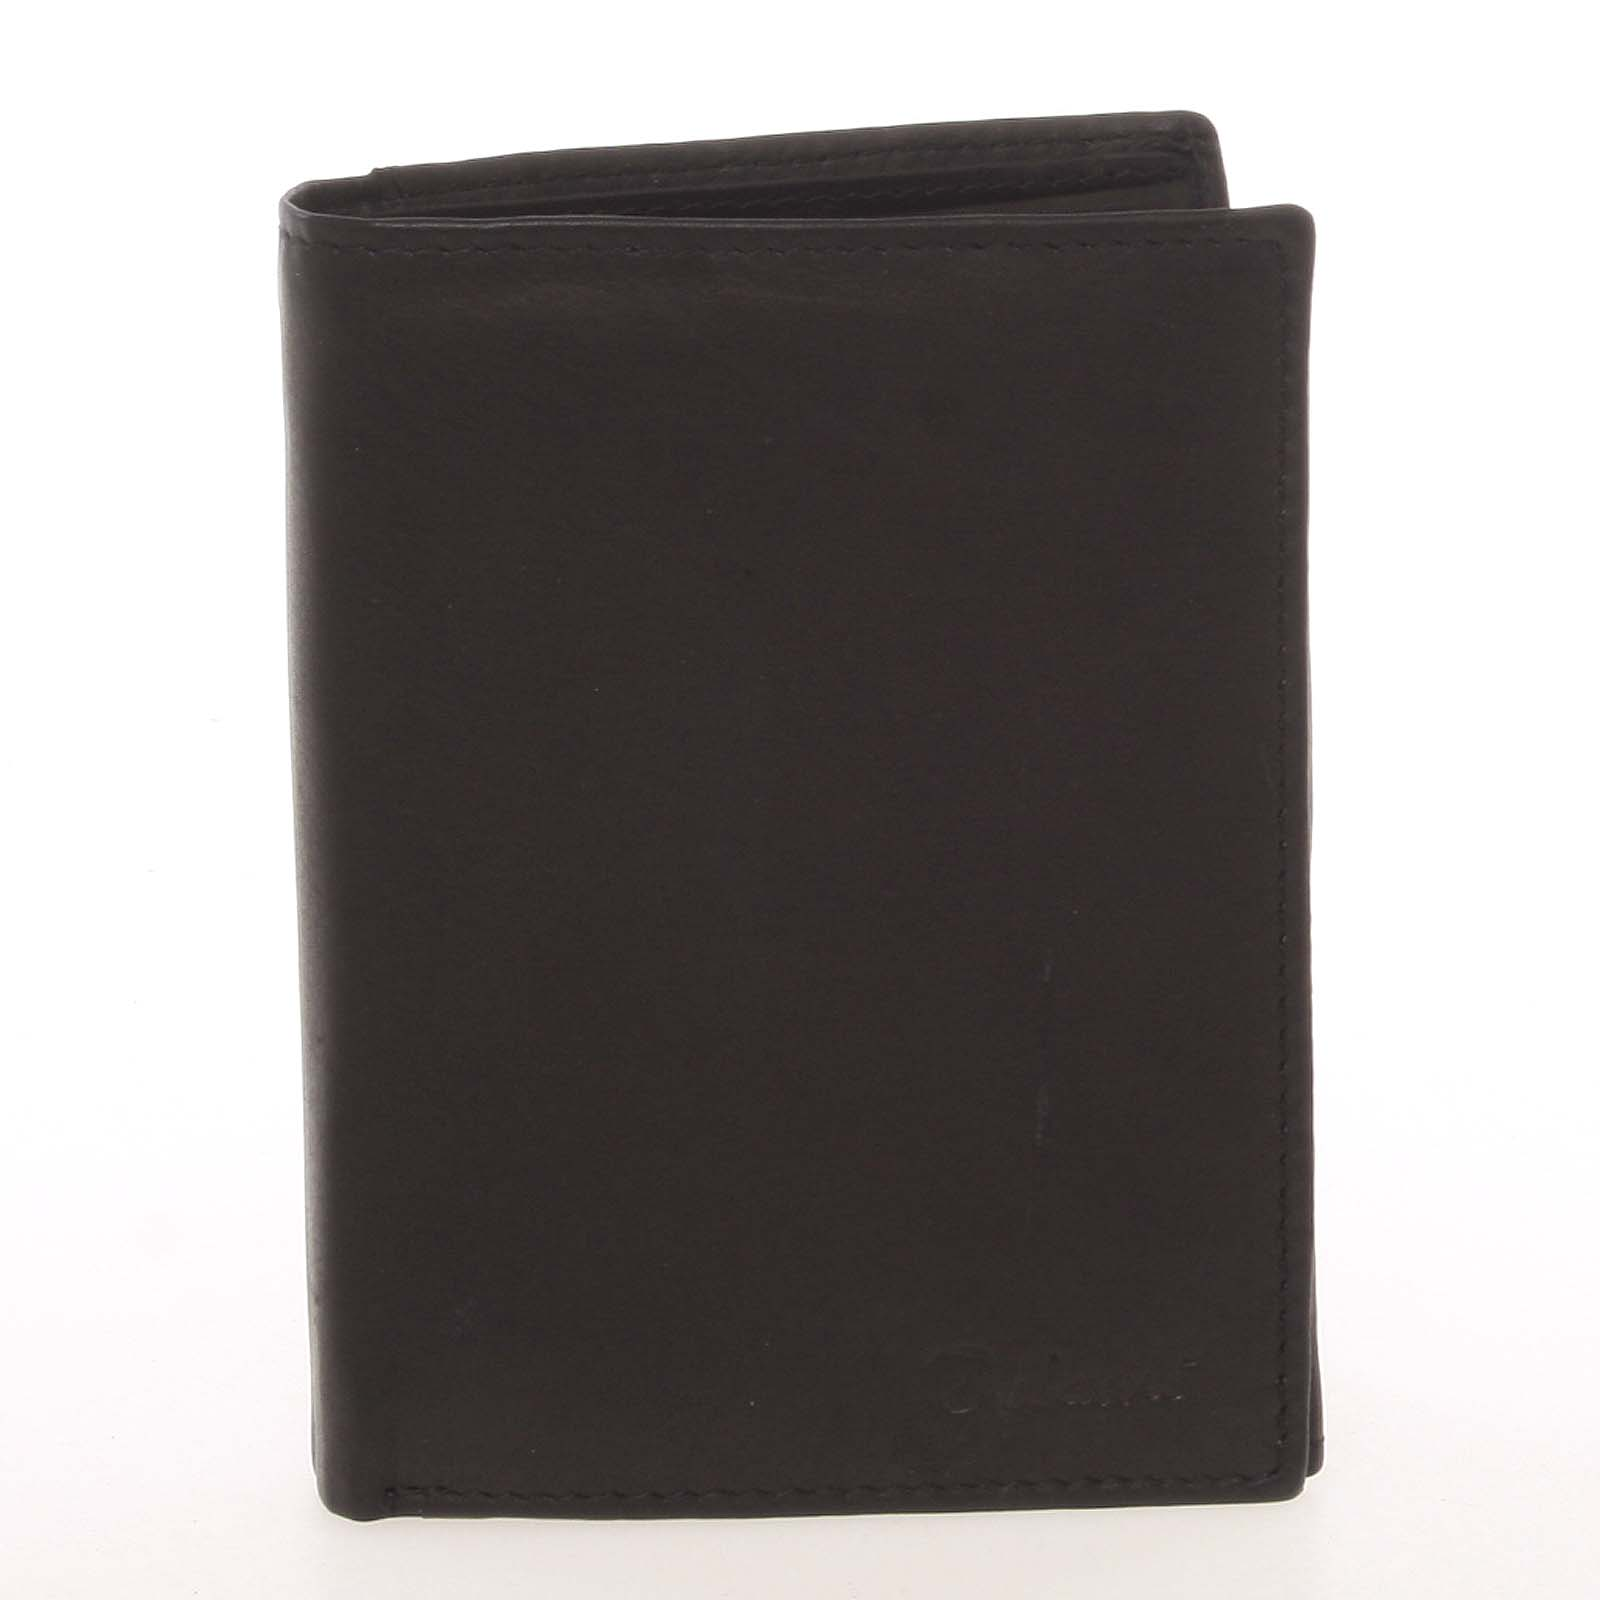 Pánska kožená čierna peňaženka - Delami Therron čierna